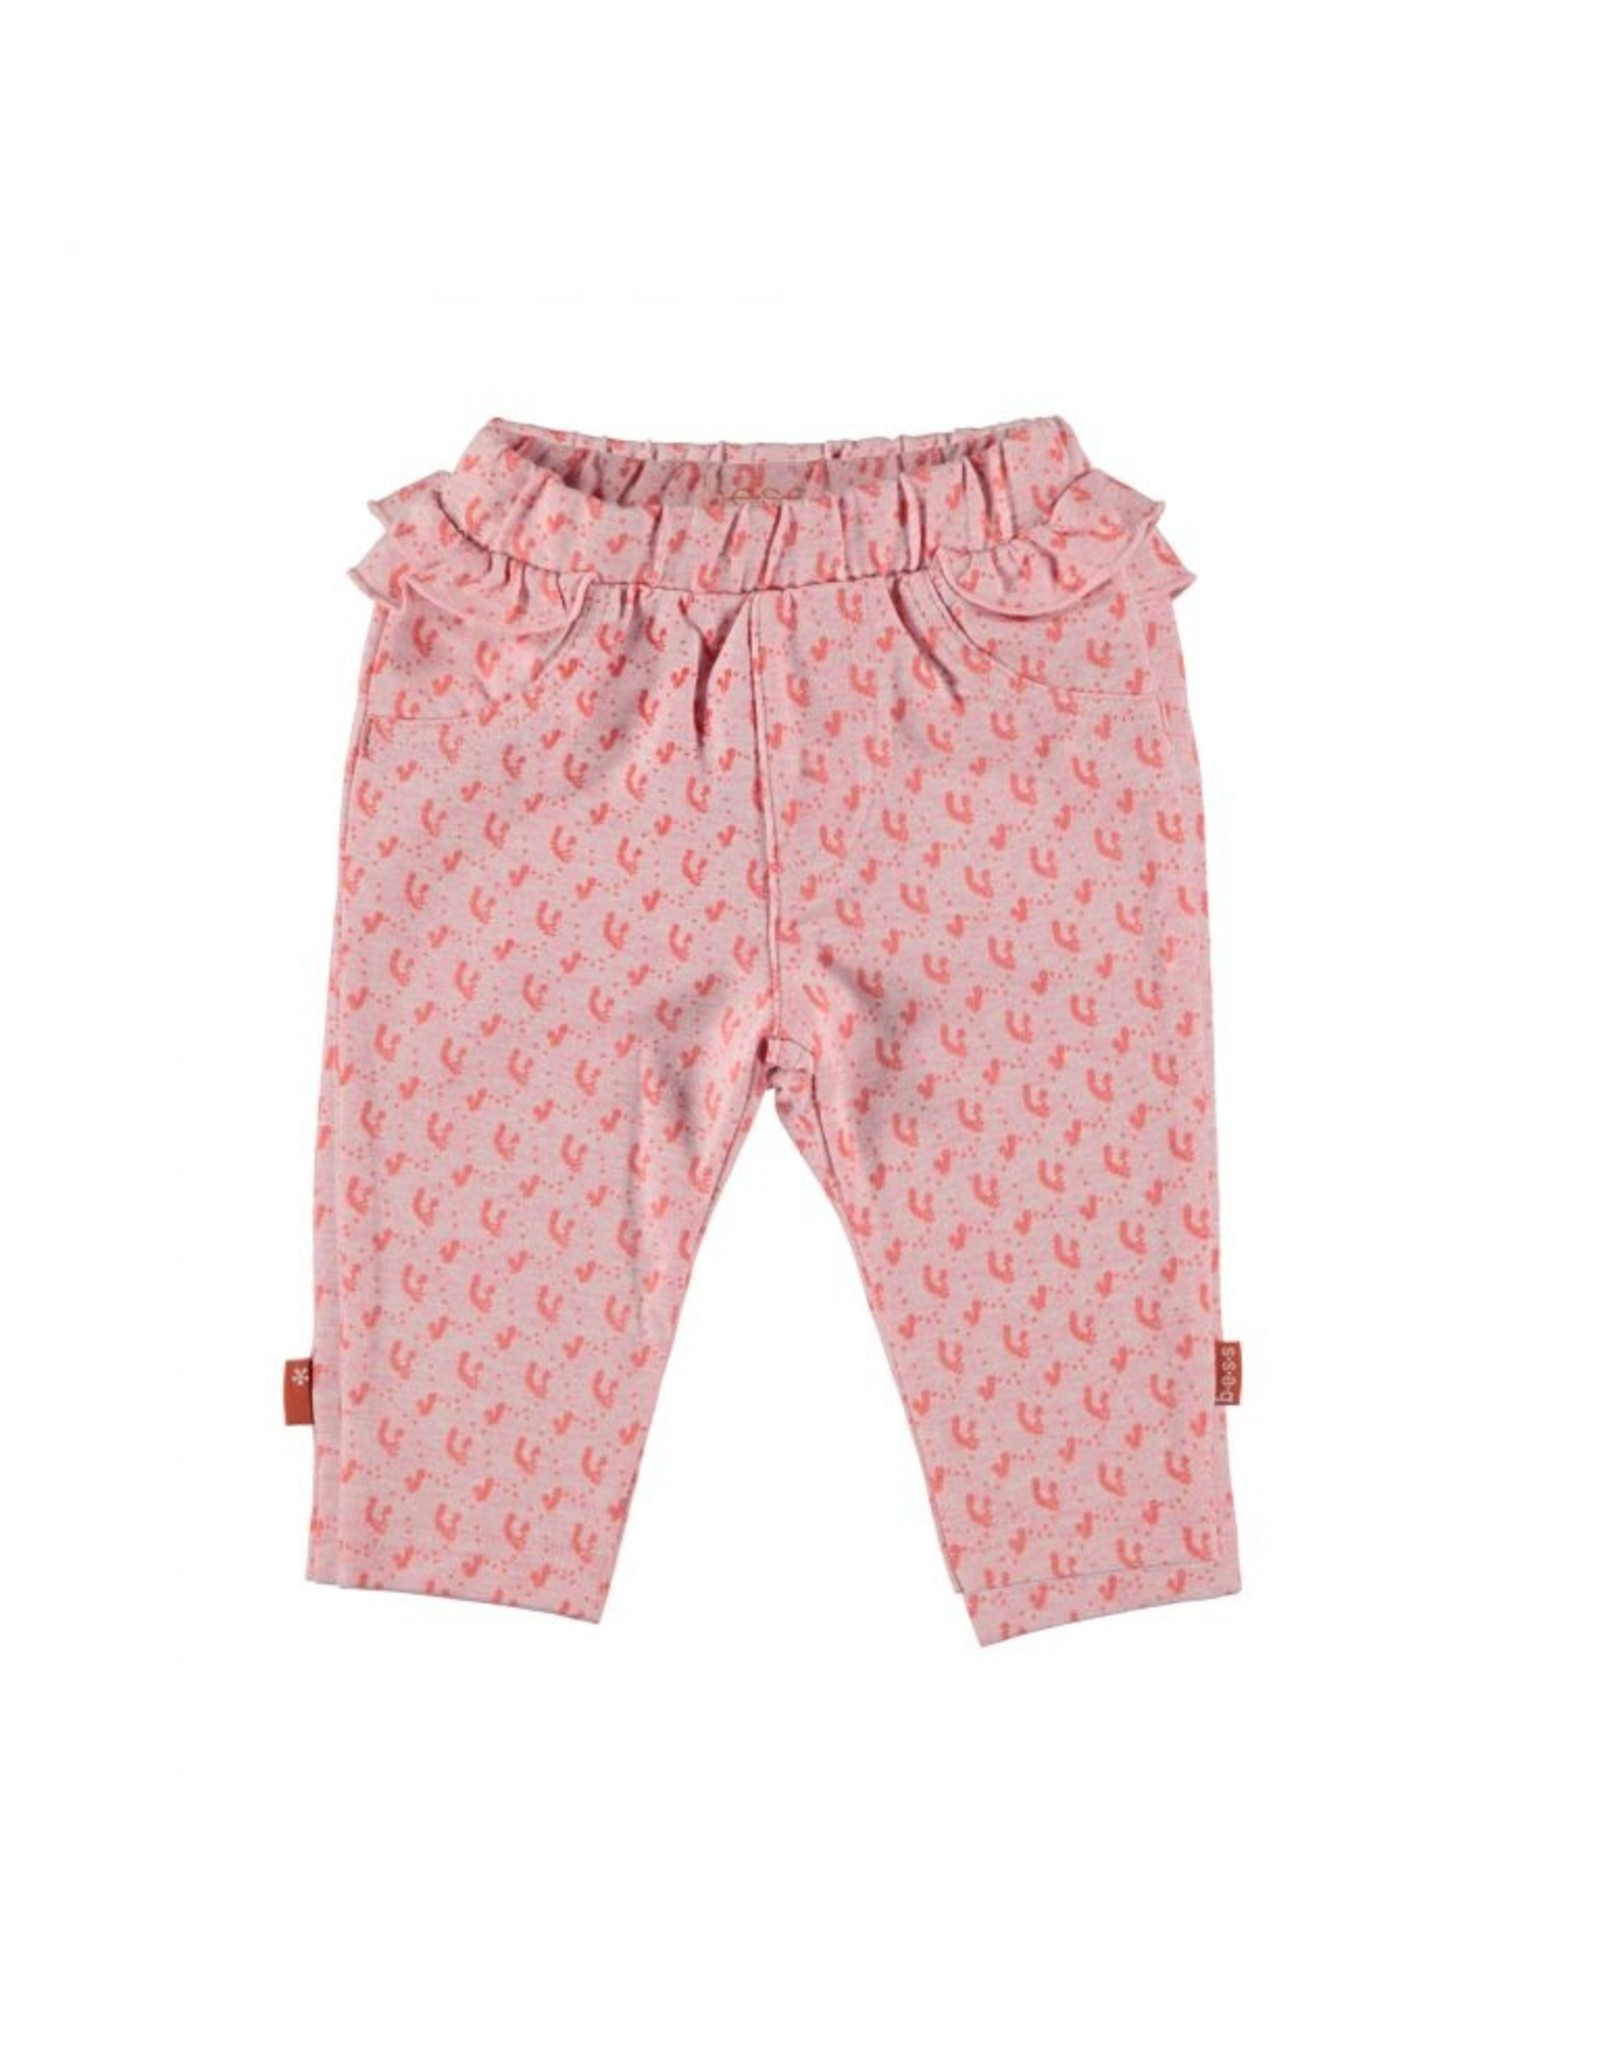 BESS Bess Pants AOP Flowers Ruffles Pink